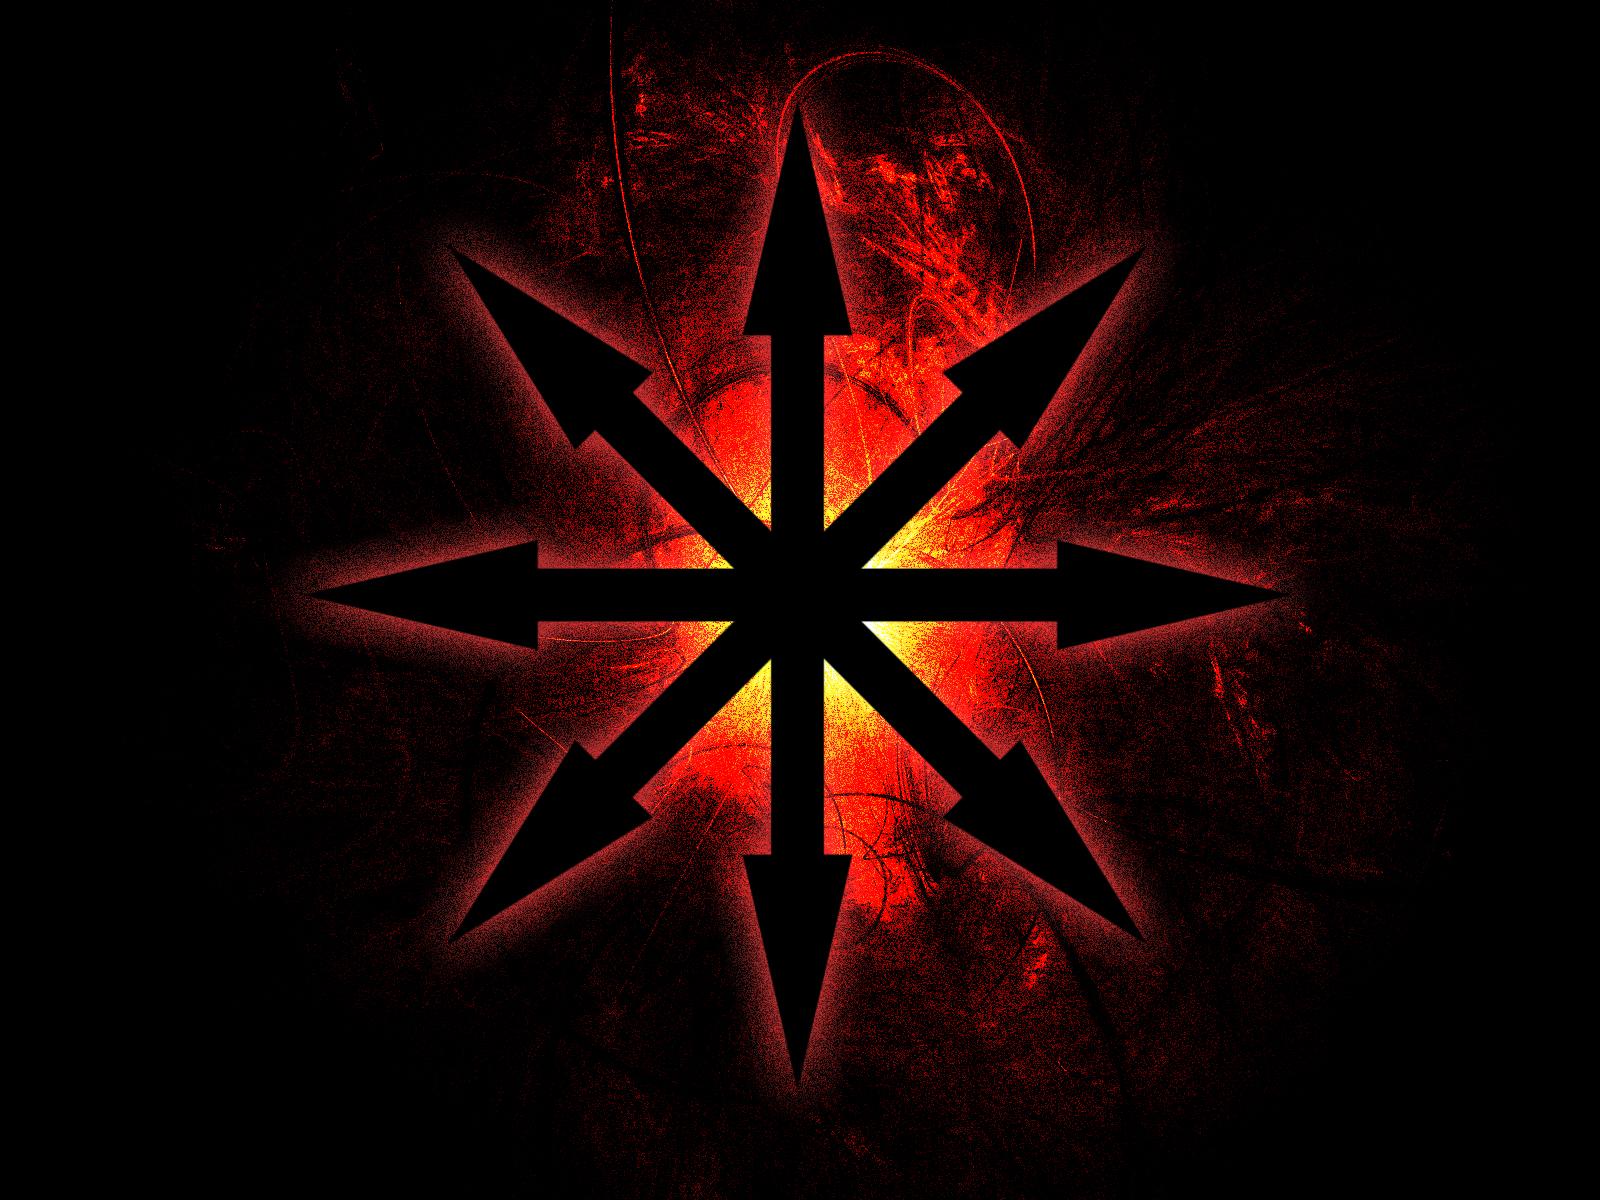 chaos_star_by_varulvsnatt-d1bjxik.jpg